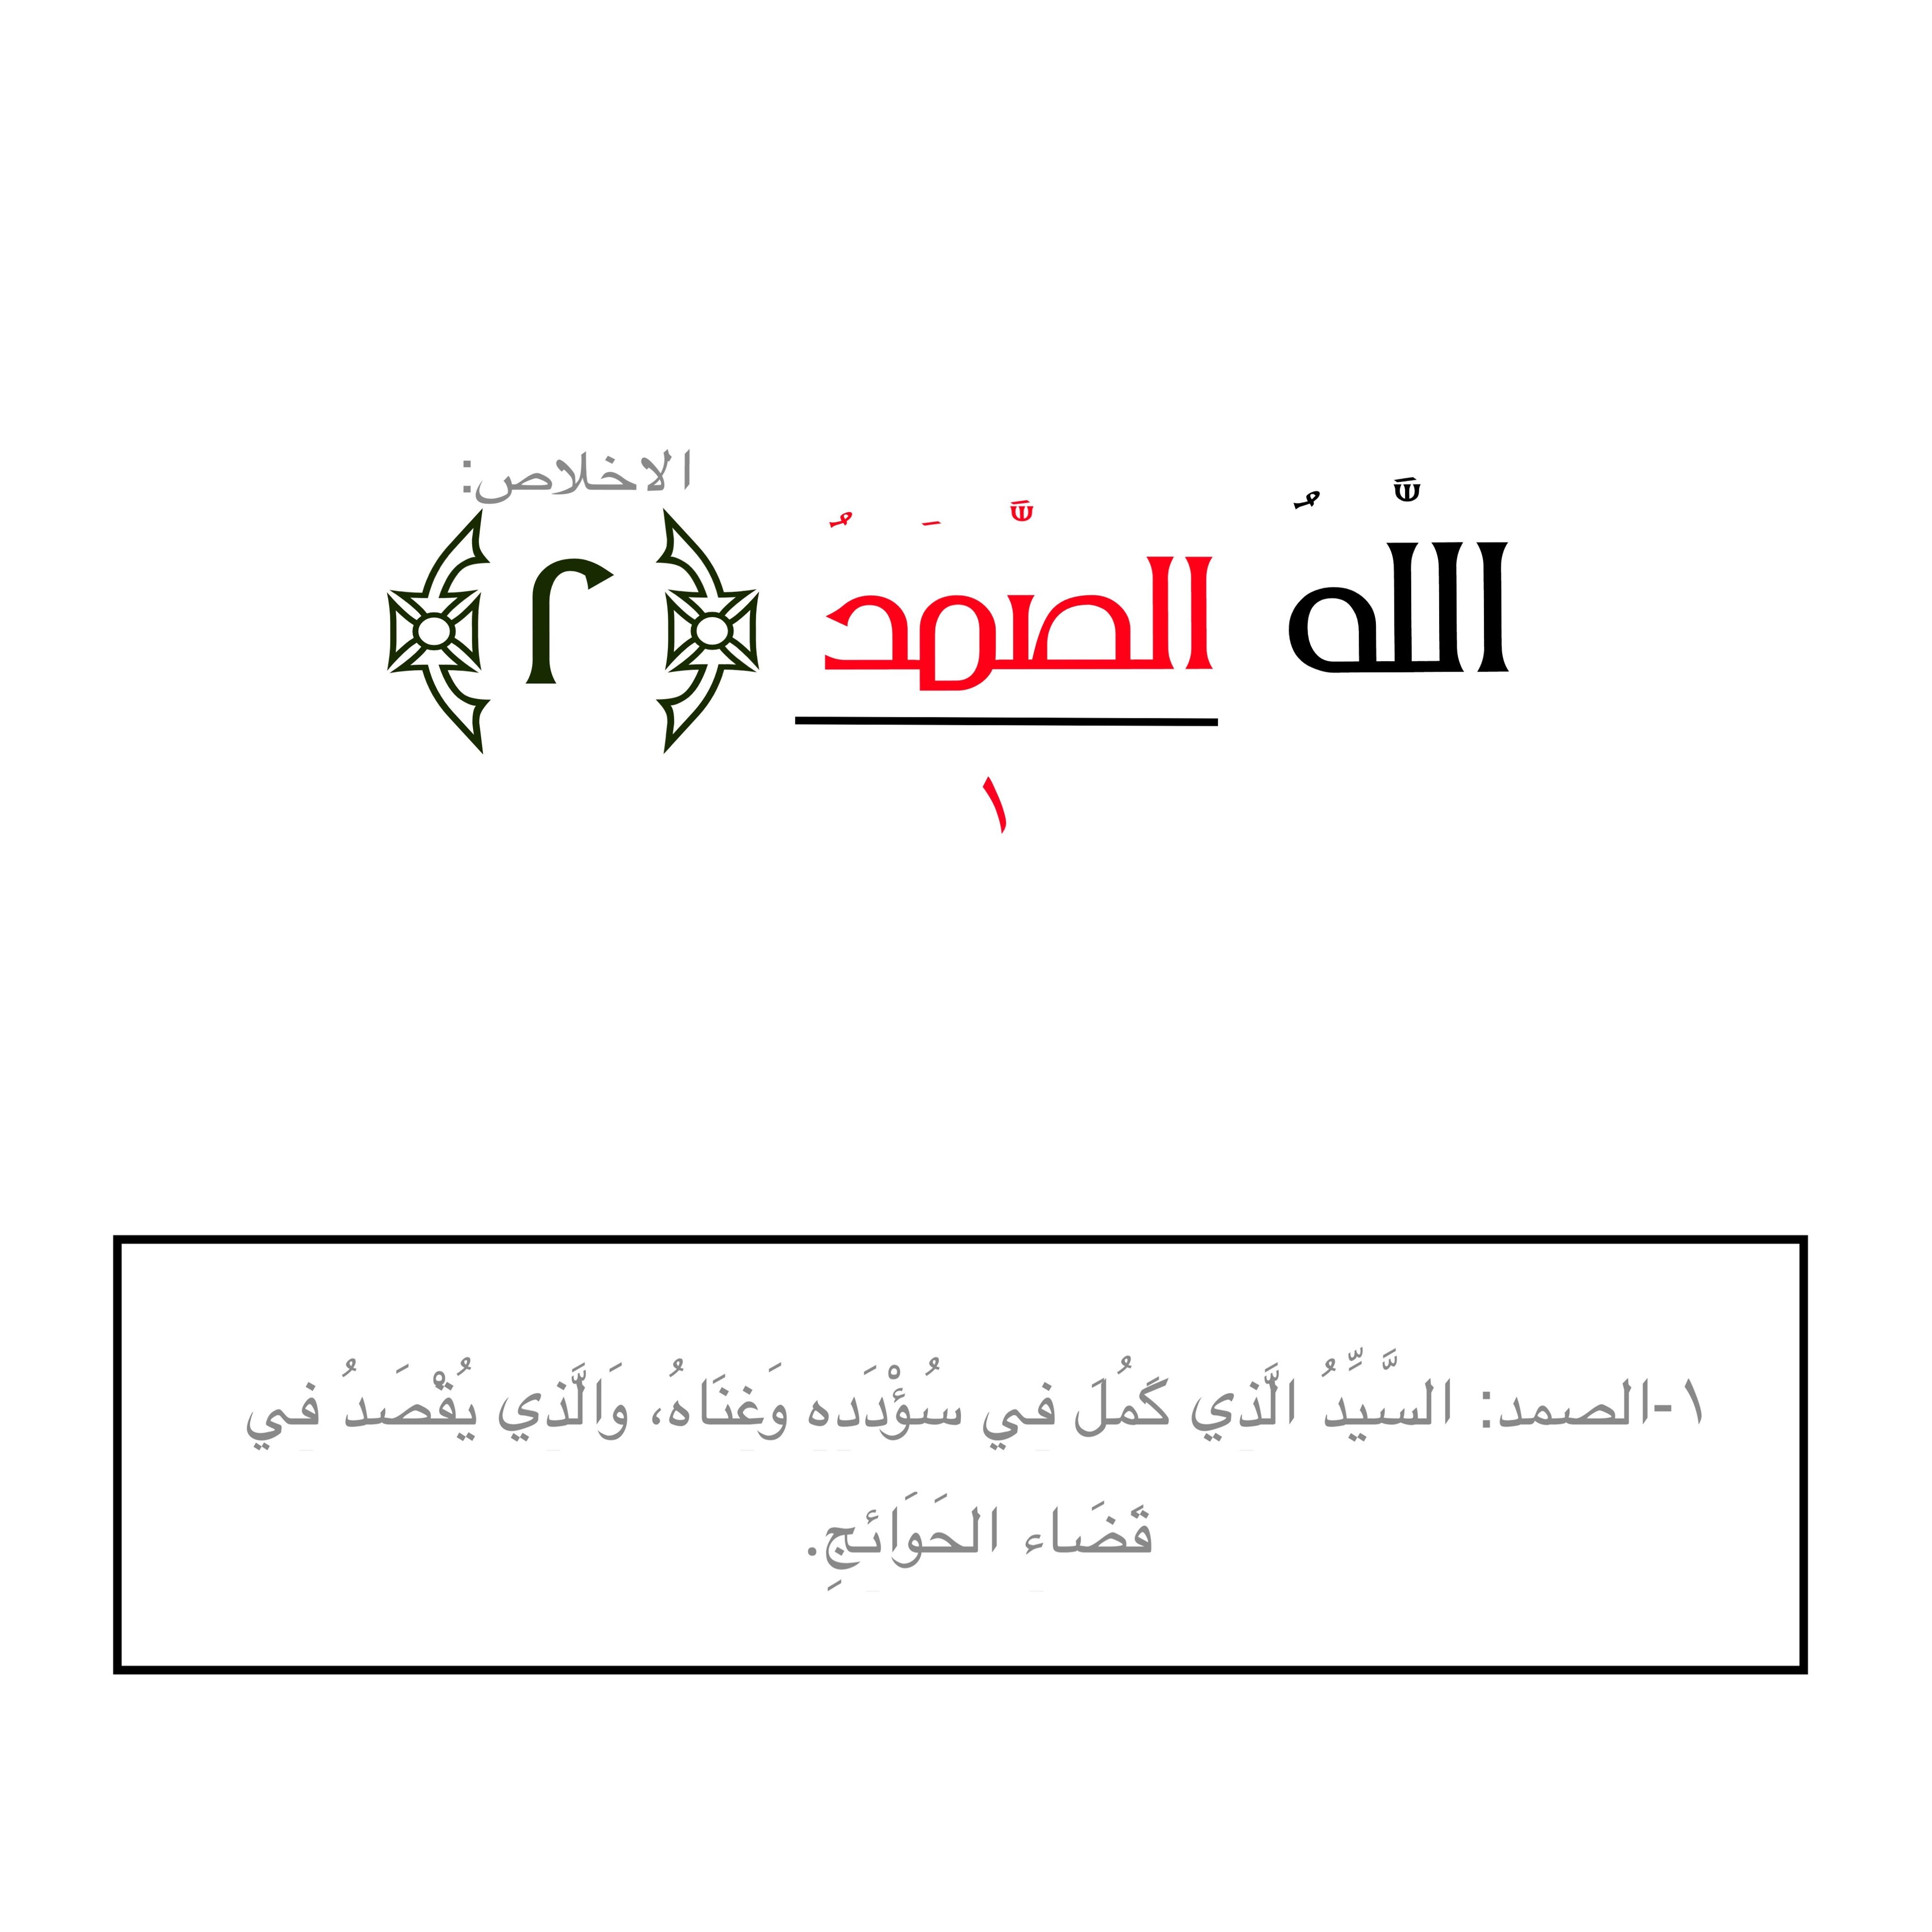 الاسلام القرآن سورة الاخلاص اية كلمات معاني Math Arabic Calligraphy Islam